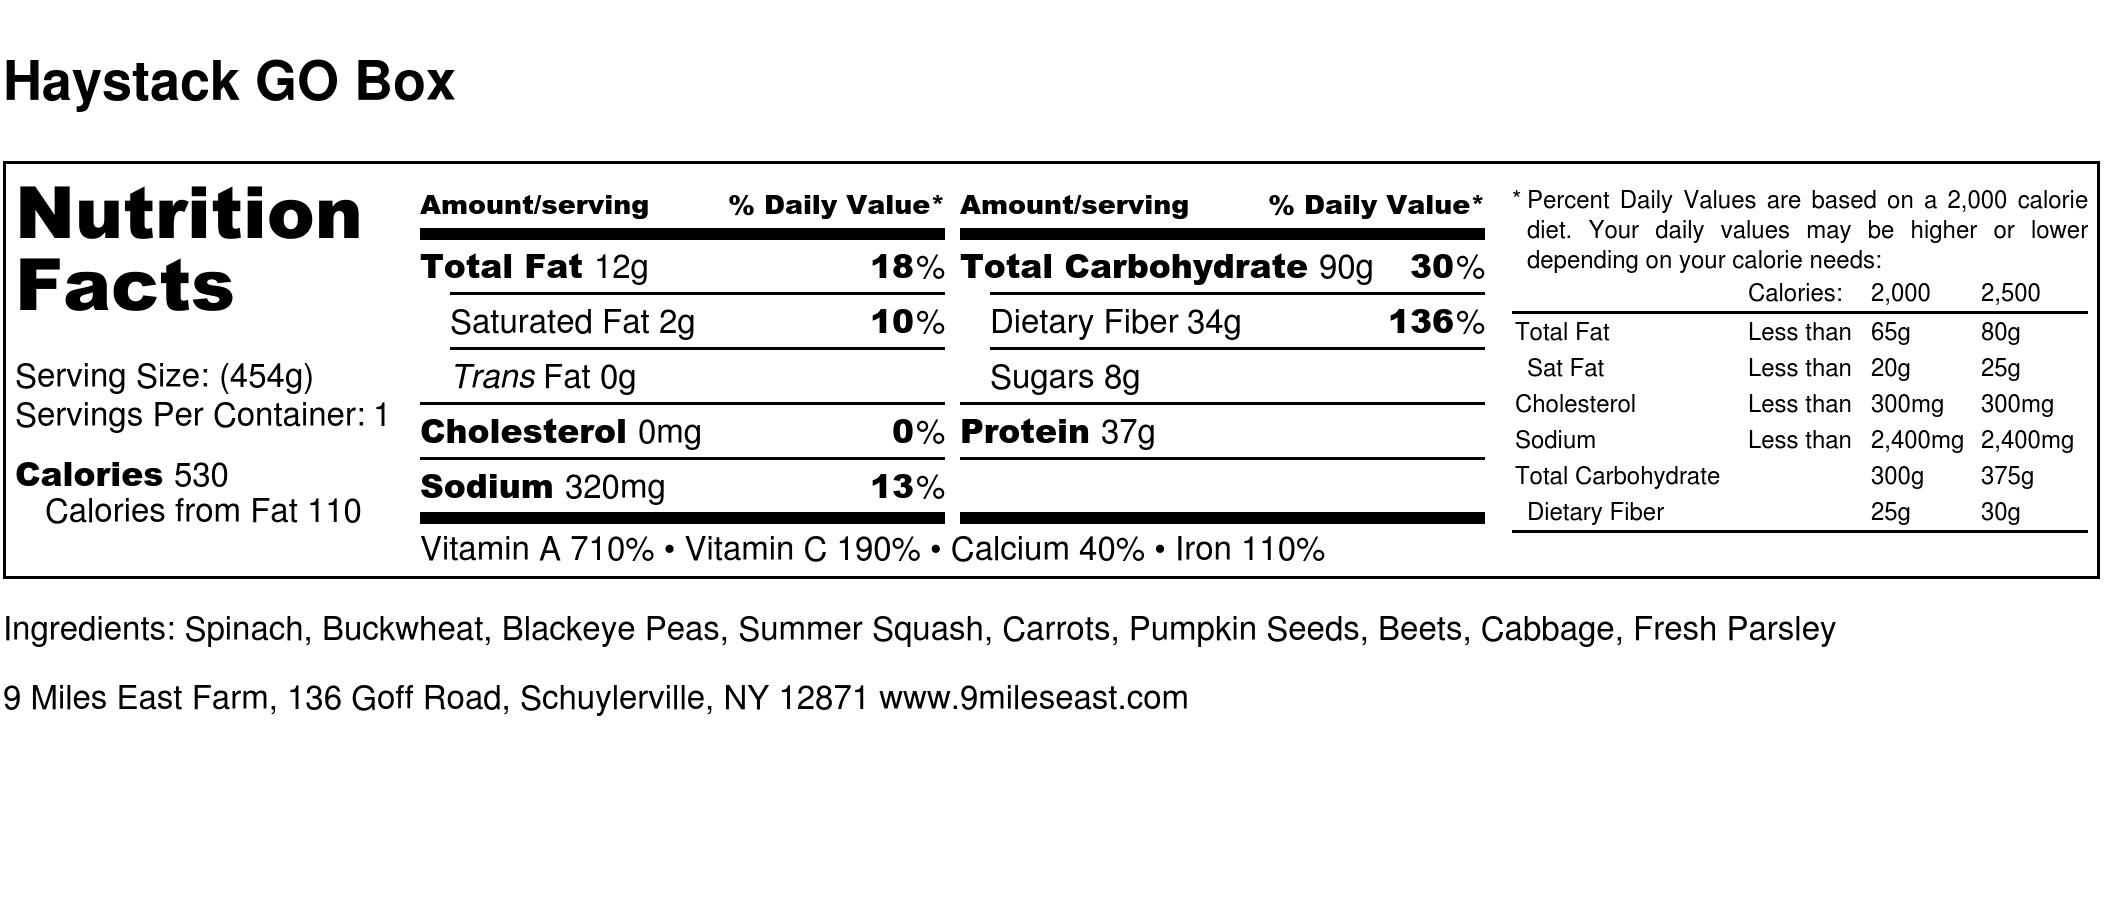 Haystack GO Box - Nutrition Label.jpg